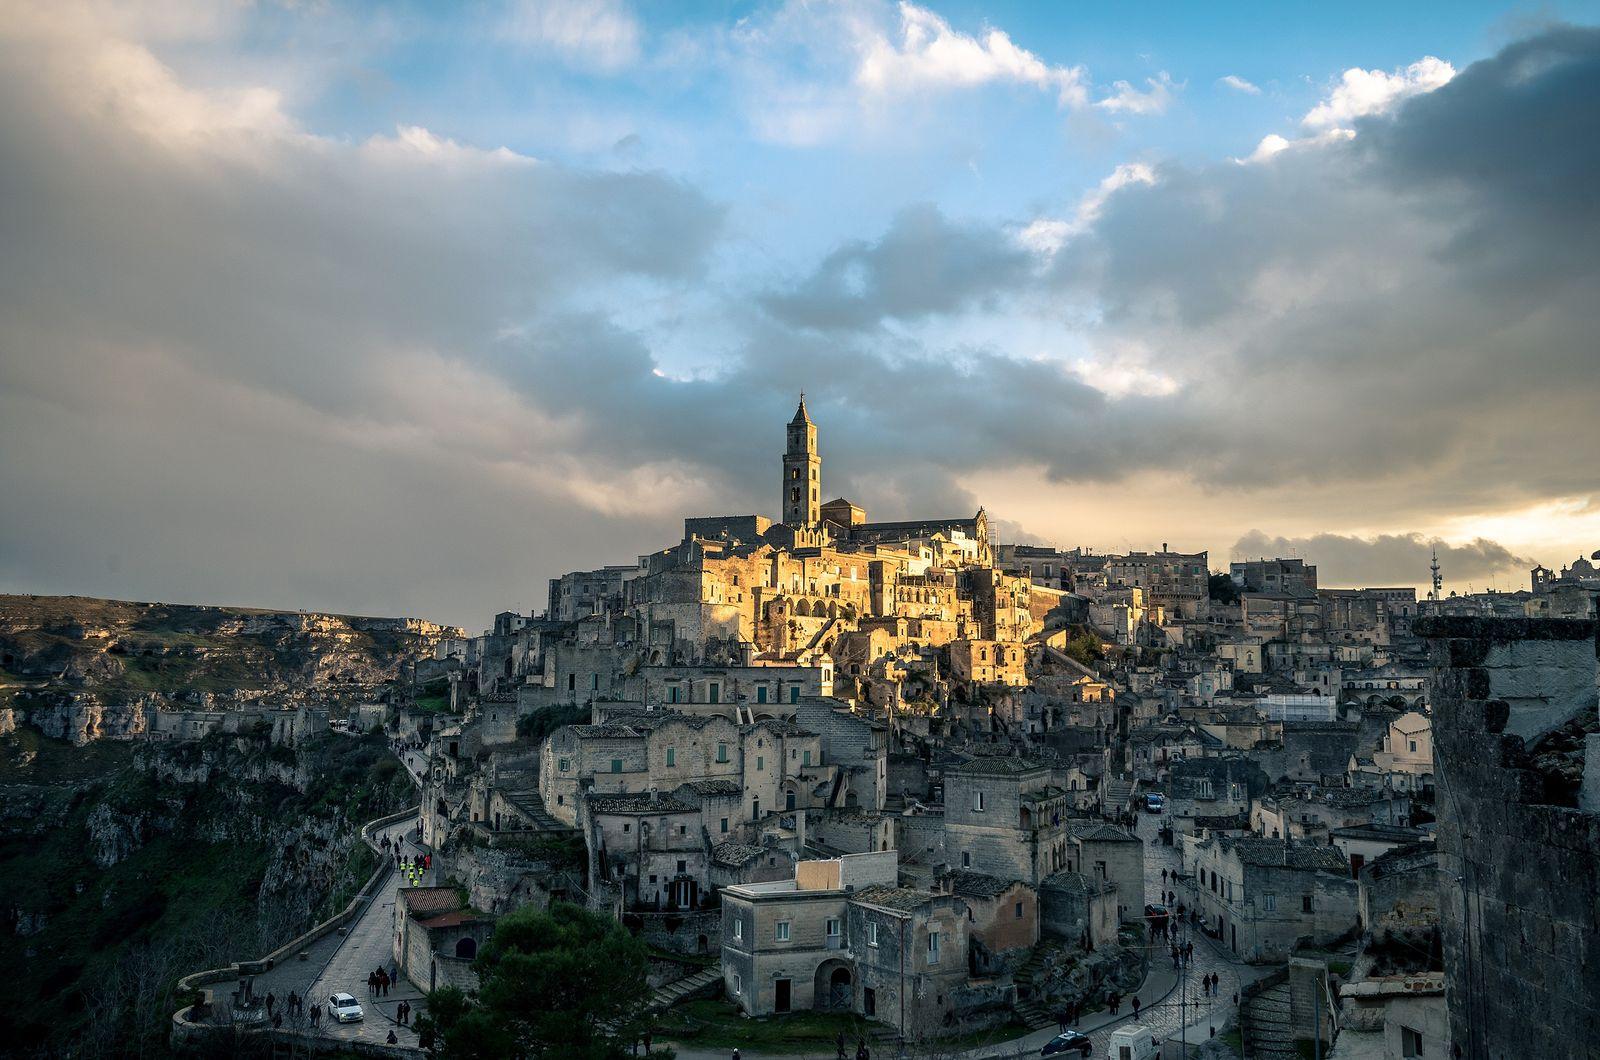 Italie : ces sites méconnus classés au patrimoine mondial de l'UNESCO